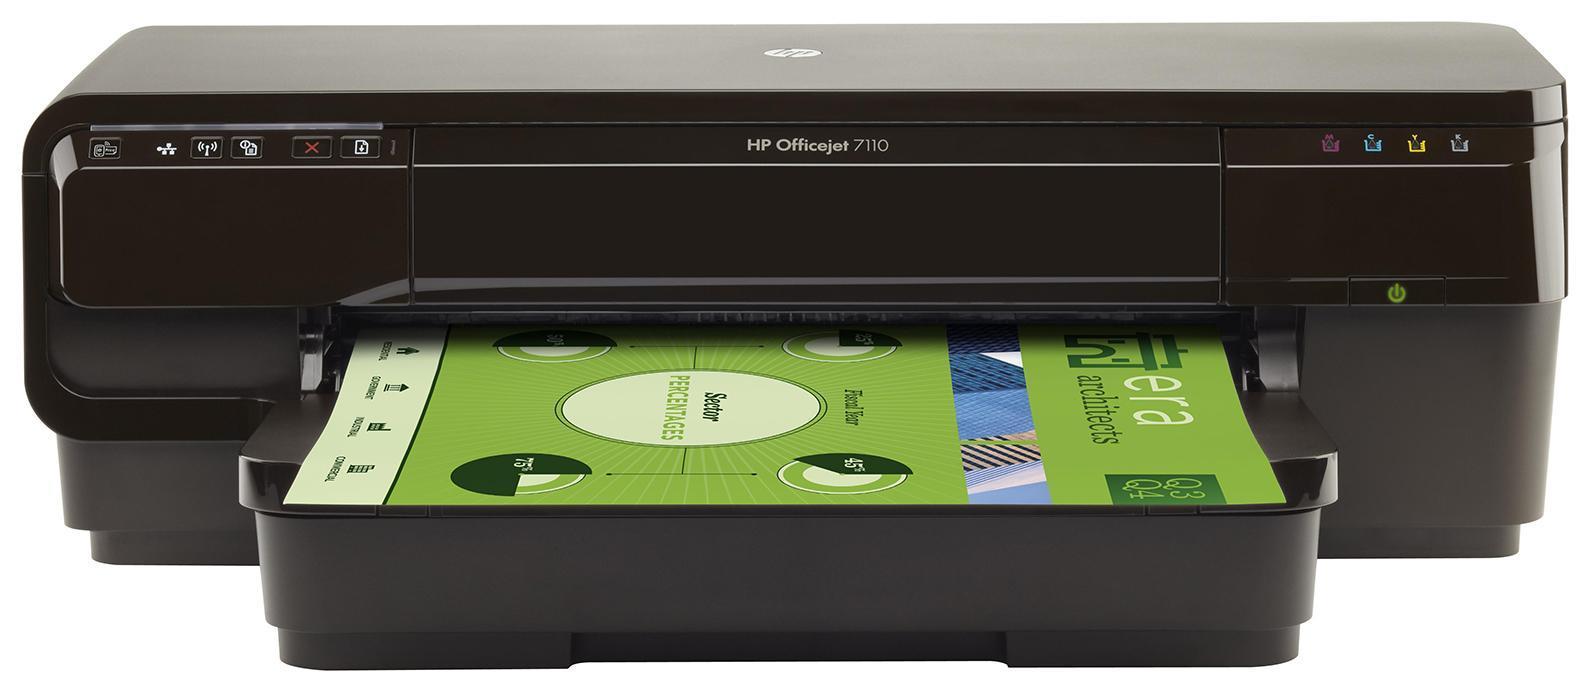 Zakazat.ru HP Officejet 7110 (H812a) струйный  принтер